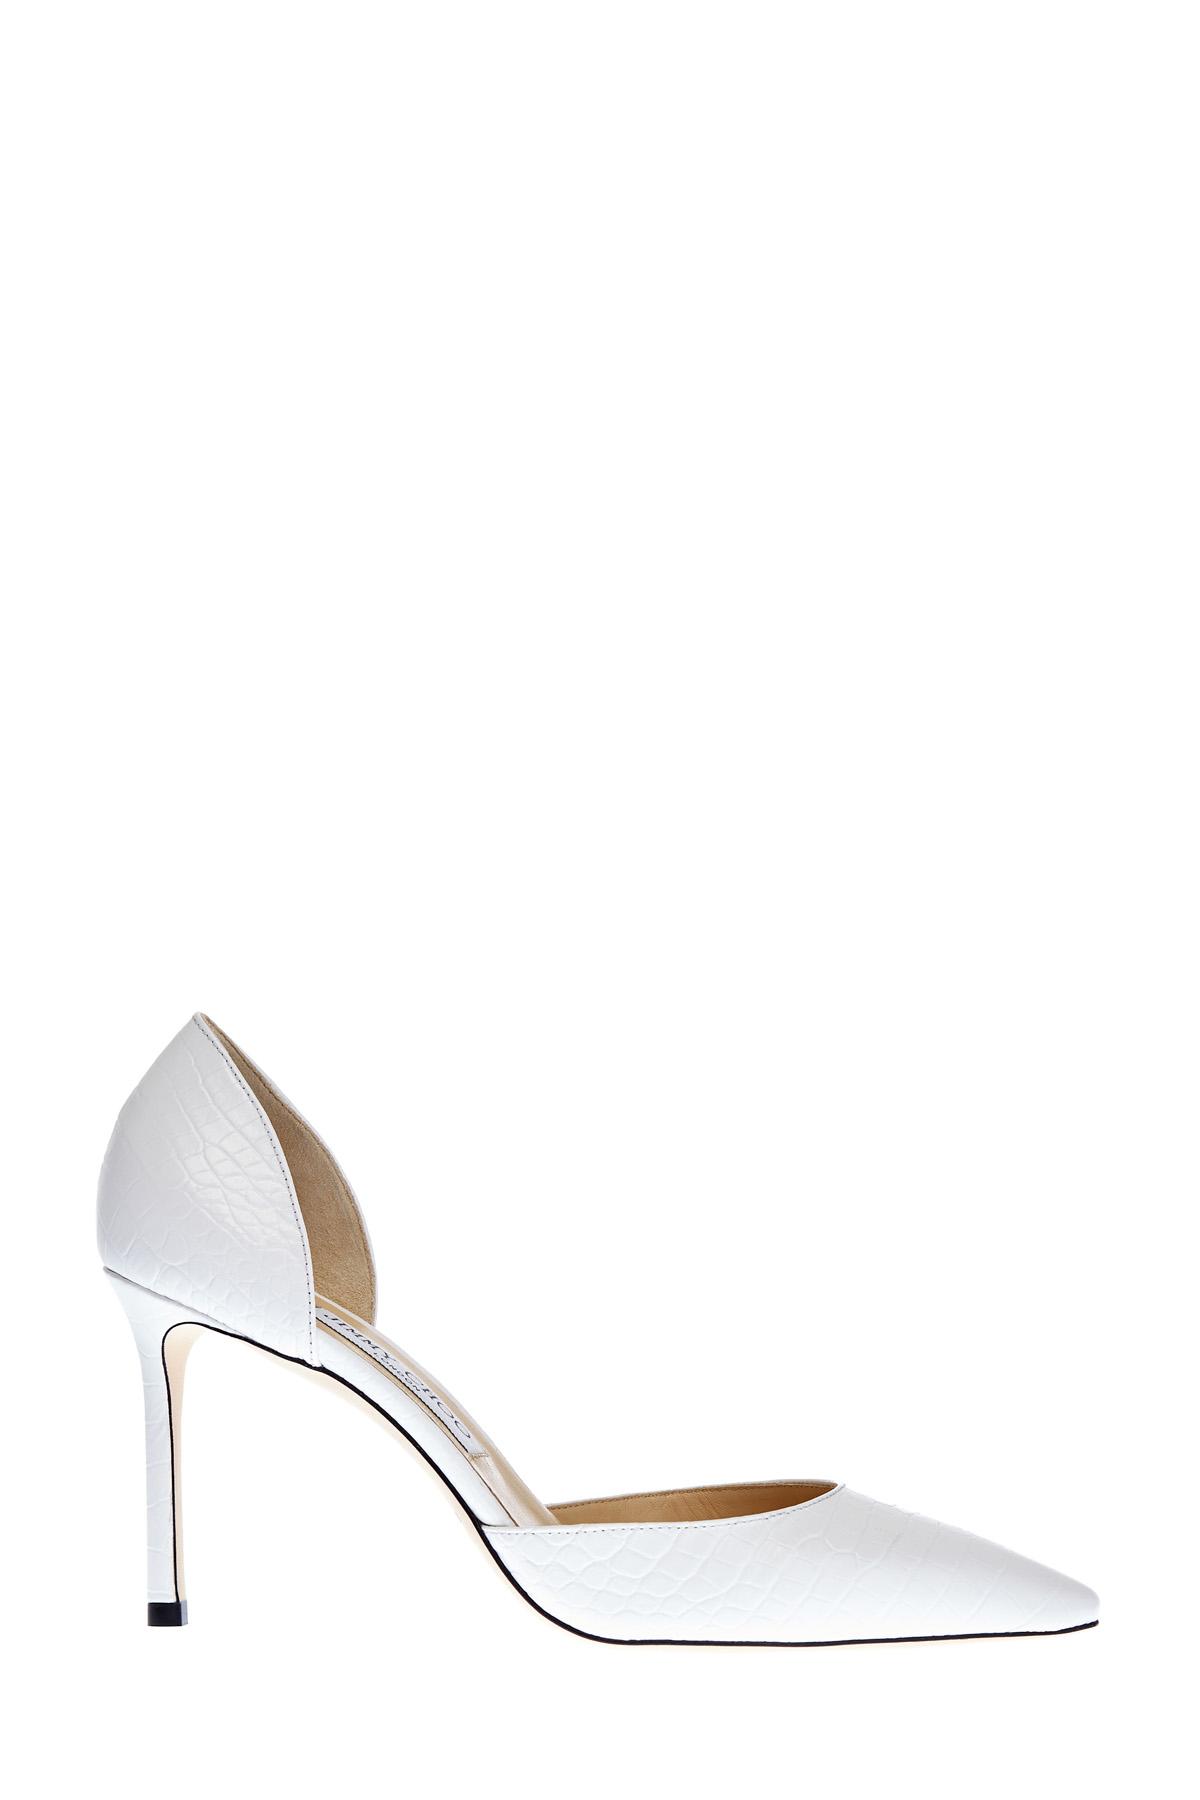 Открытые туфли-лодочки Esther из кожи с тисненым принтом